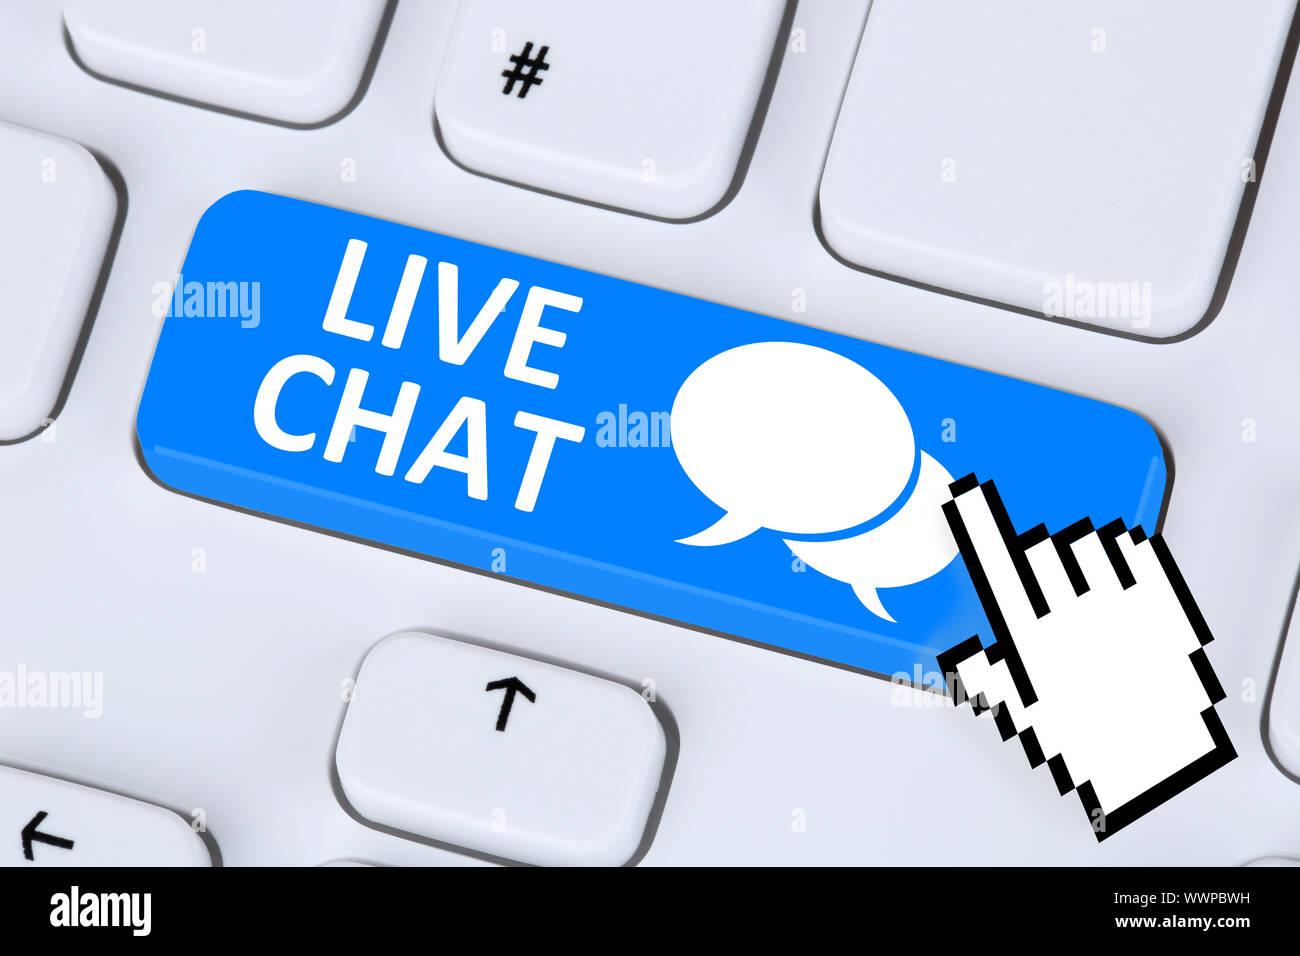 Chat en vivo Contacto Servicio de Comunicación de mensajes de chat Foto de stock